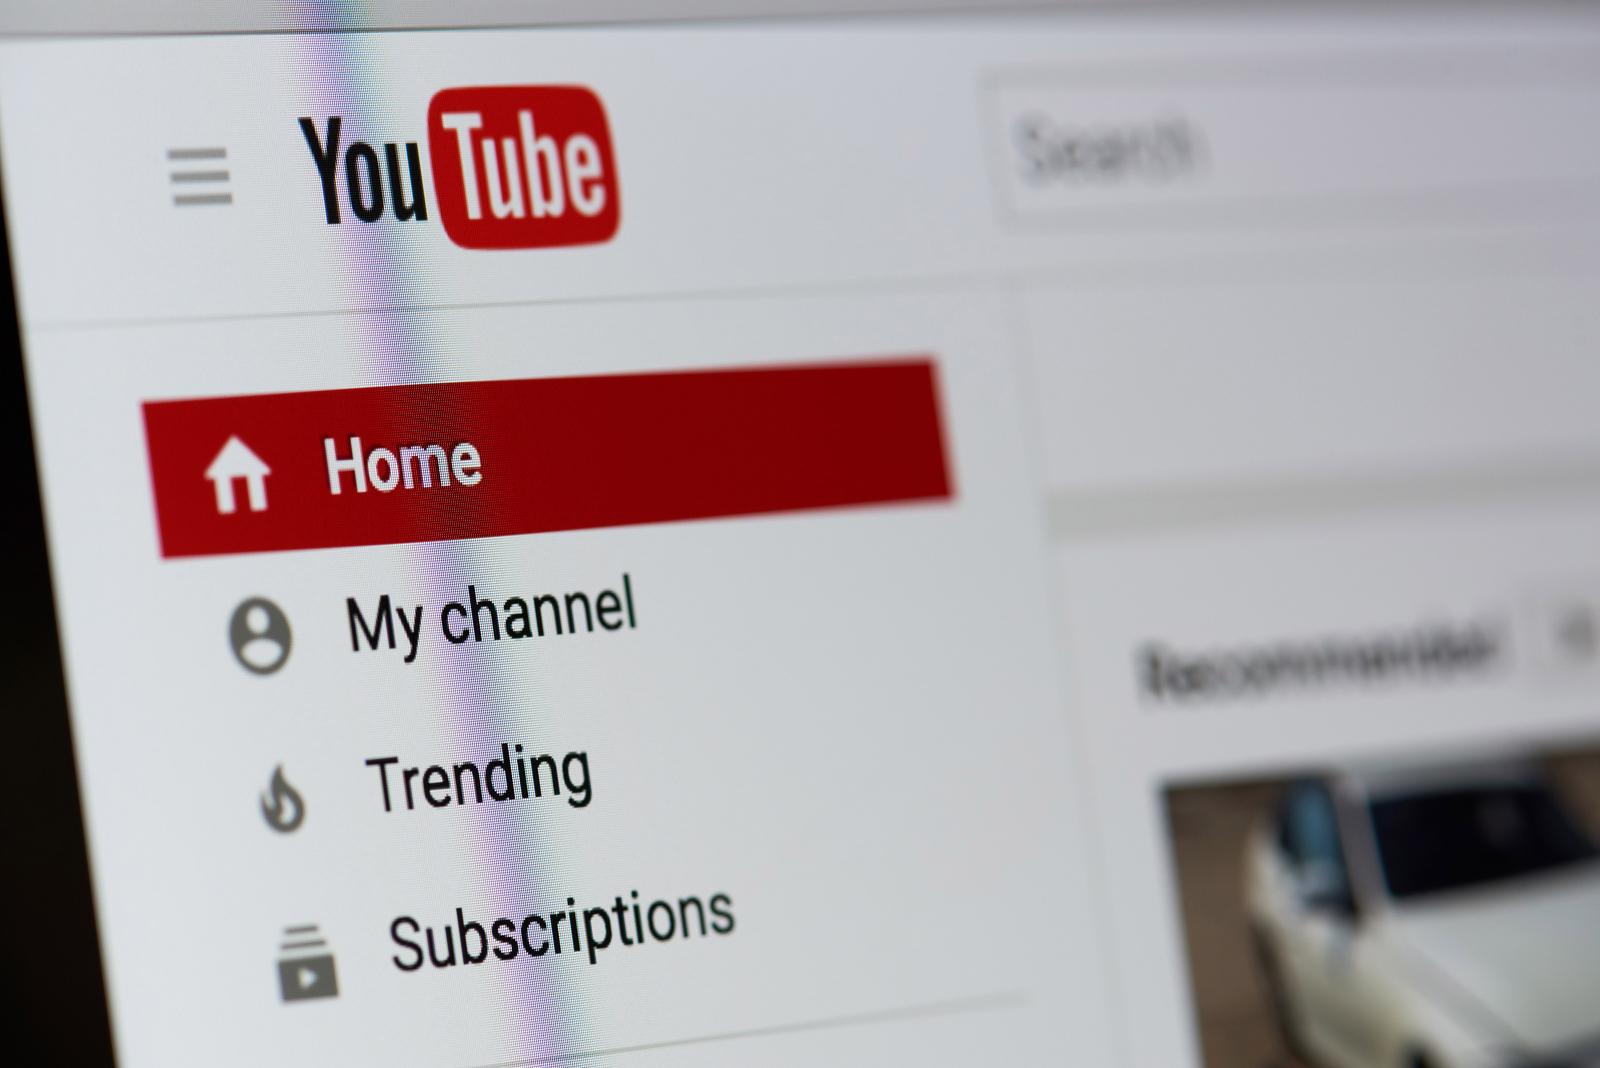 YouTube logo on the web